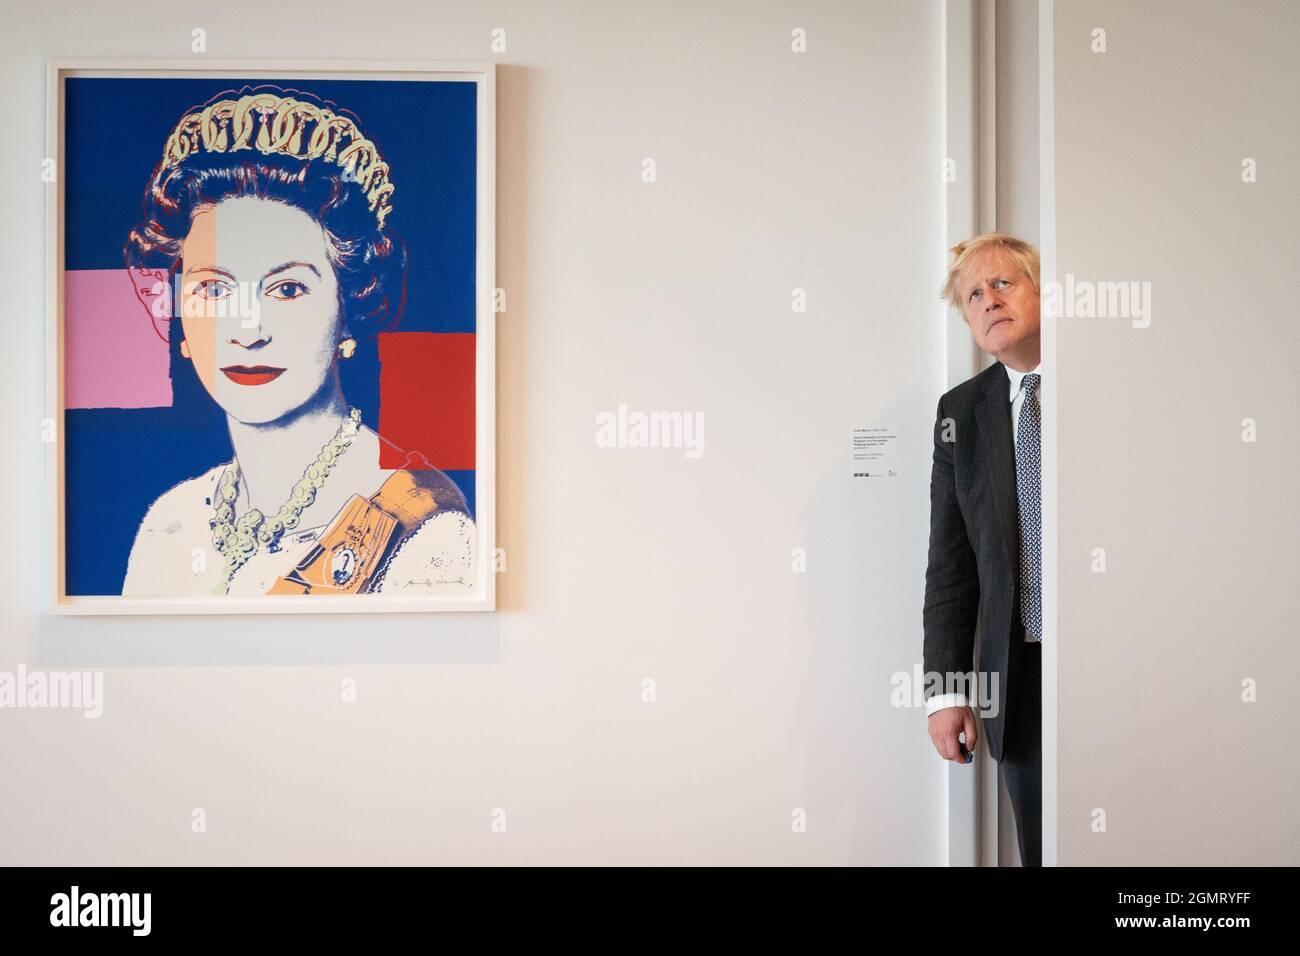 Premierminister Boris Johnson bei der britischen Mission bei den Vereinten Nationen in New York, bevor er sich während der Generalversammlung der Vereinten Nationen mit dem Vorsitzenden von Amazon, Jeff Bezos, trifft. Bilddatum: Montag, 20. September 2021. Stockfoto